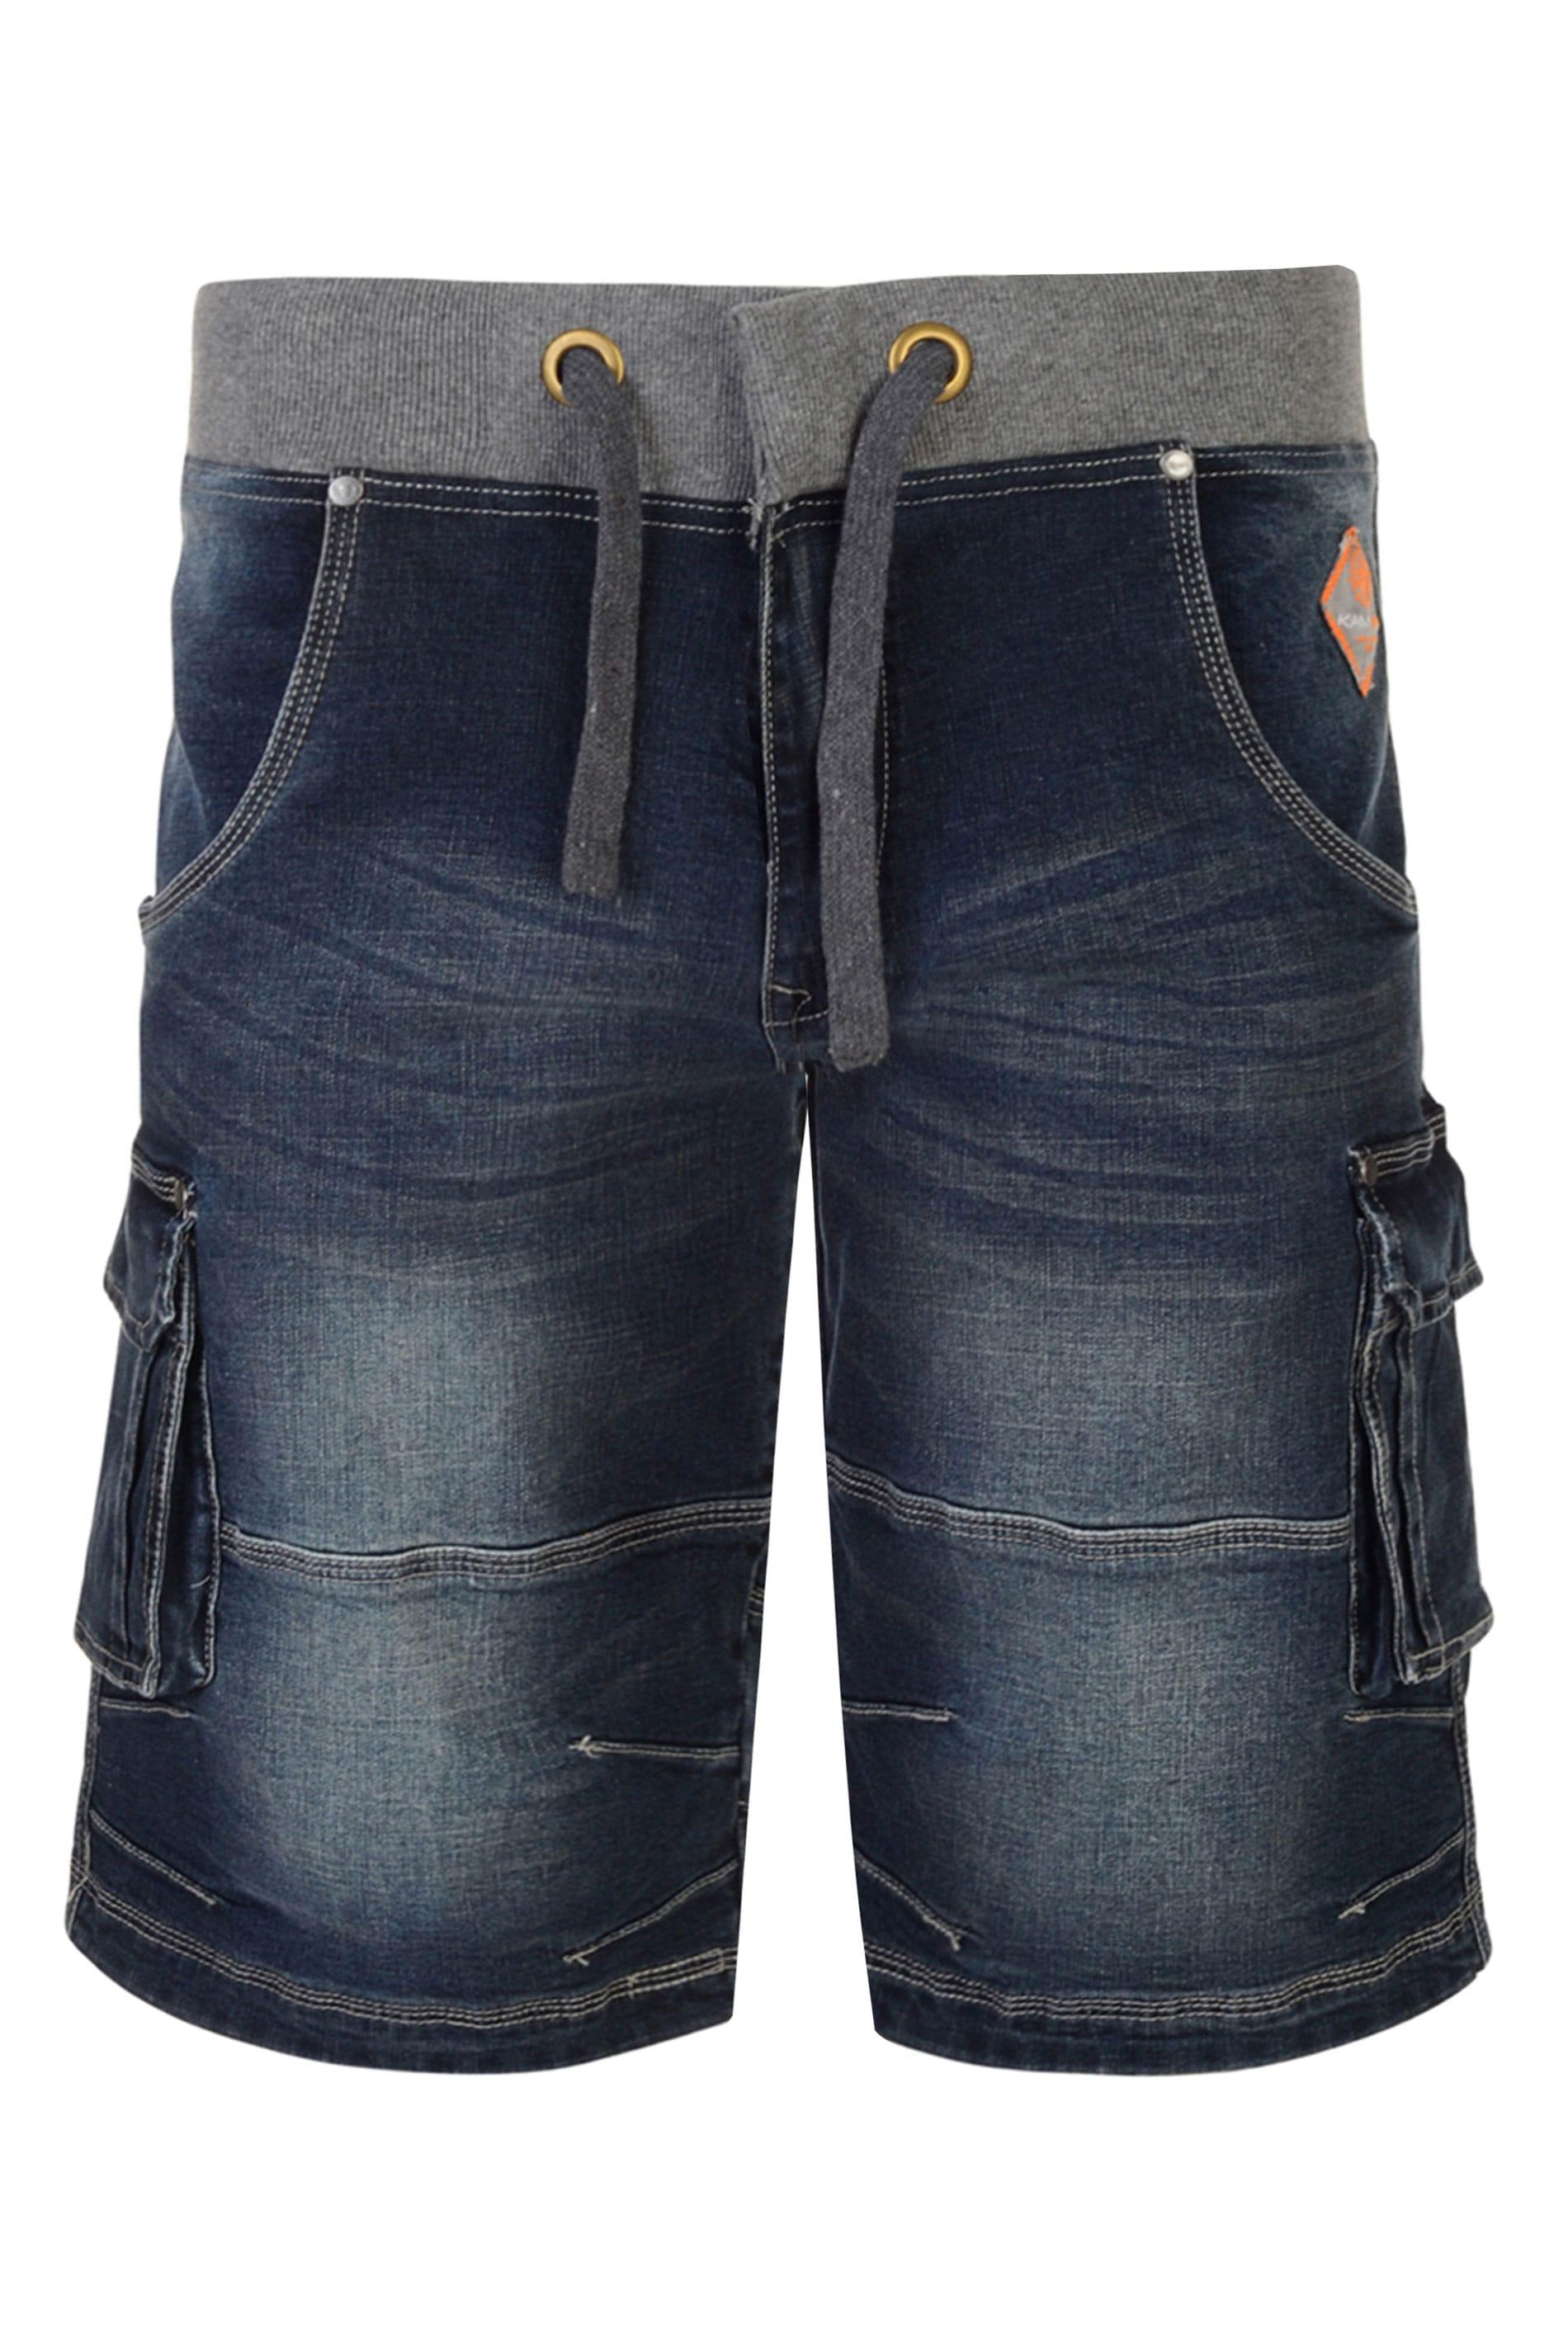 KAM Dark Blue Denim Shorts